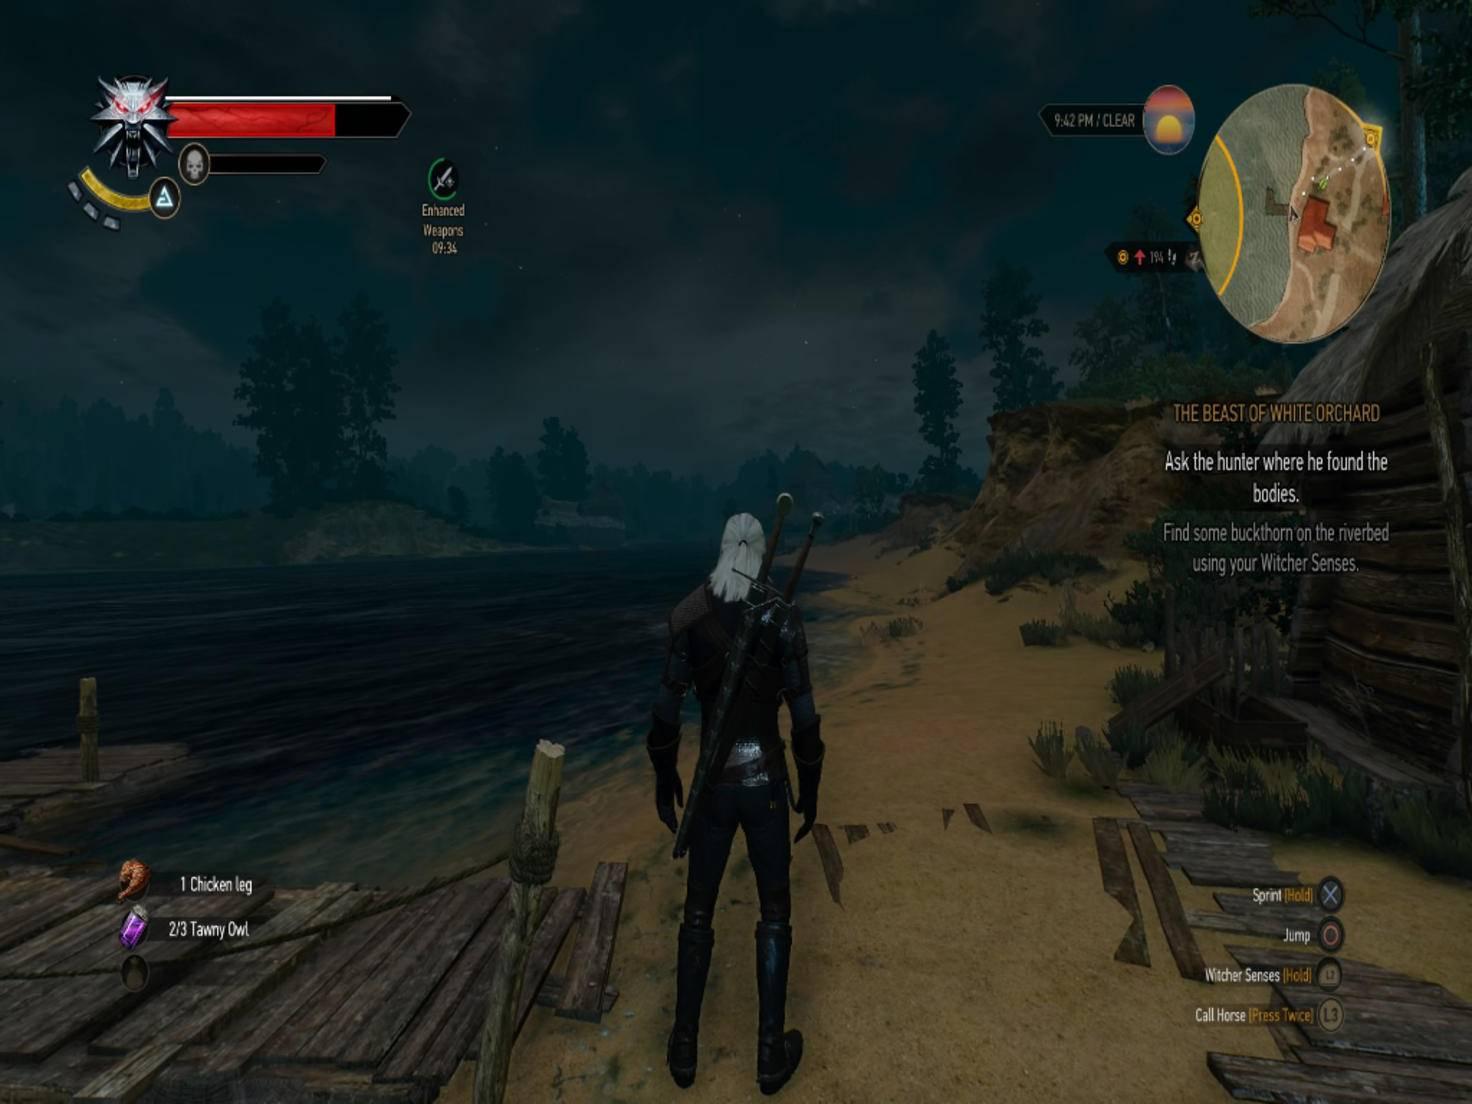 """""""Witcher 3"""" spielt in einer riesigen Open World mit mehreren Hub-Karten."""